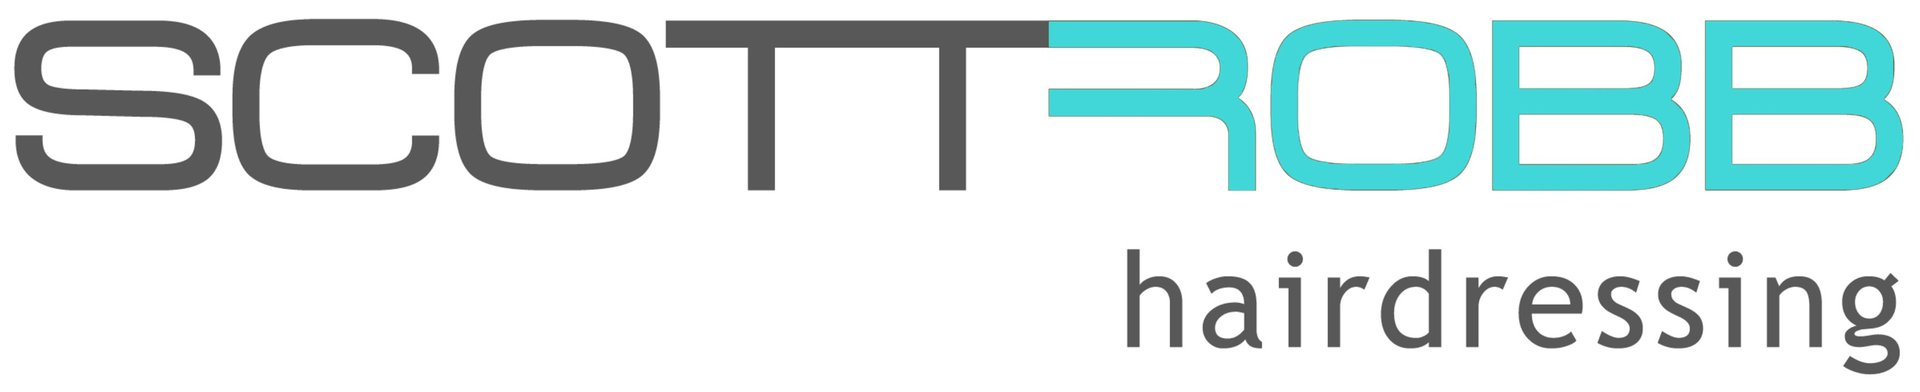 SCOTTROBB logo